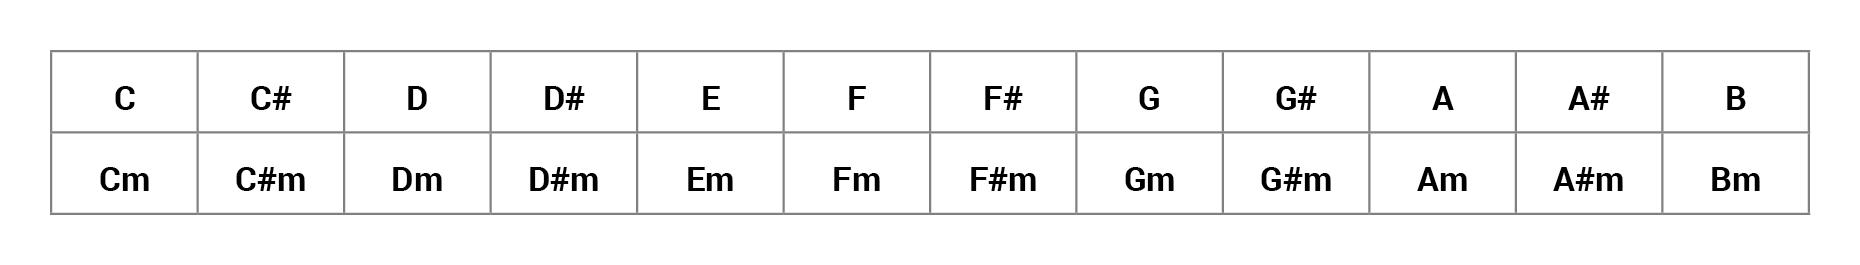 As 24 tonalidades (maiores e menores) da escala cromática